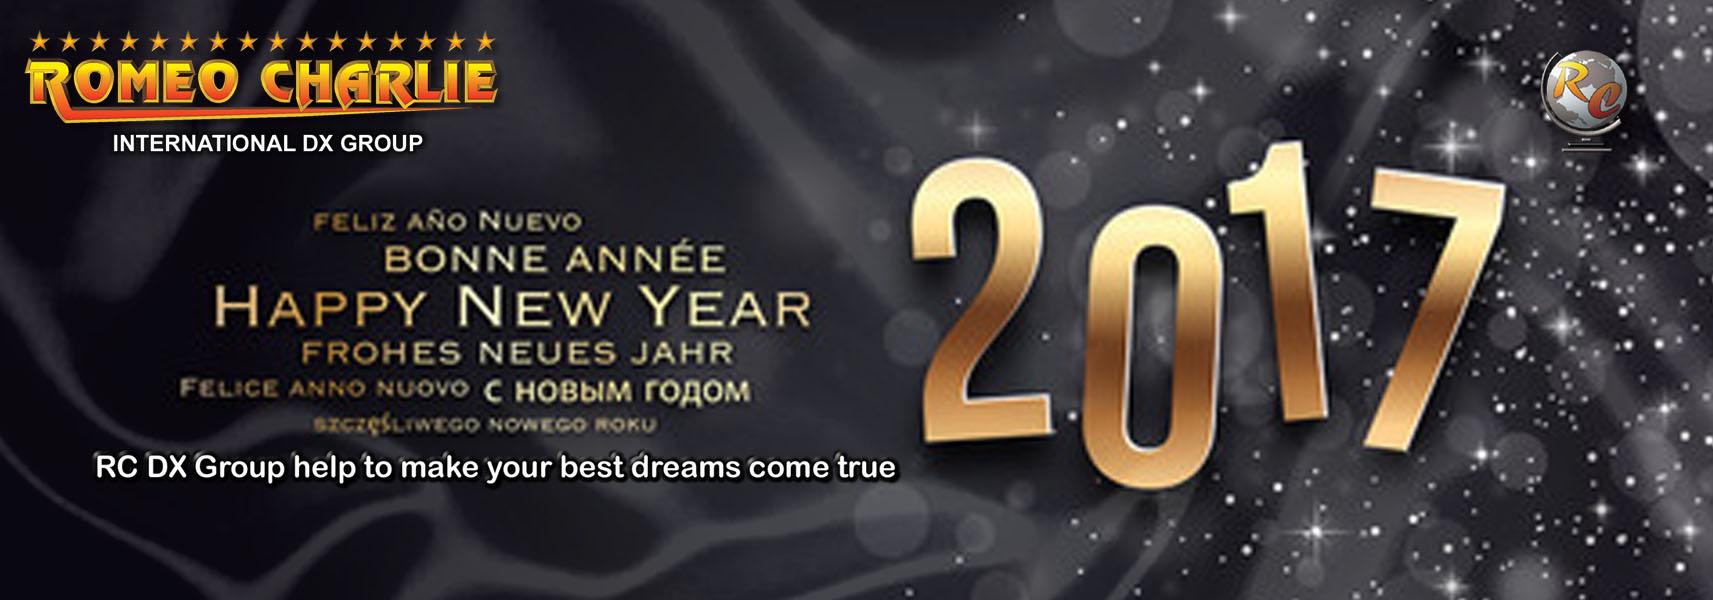 banniere-new-year-2017